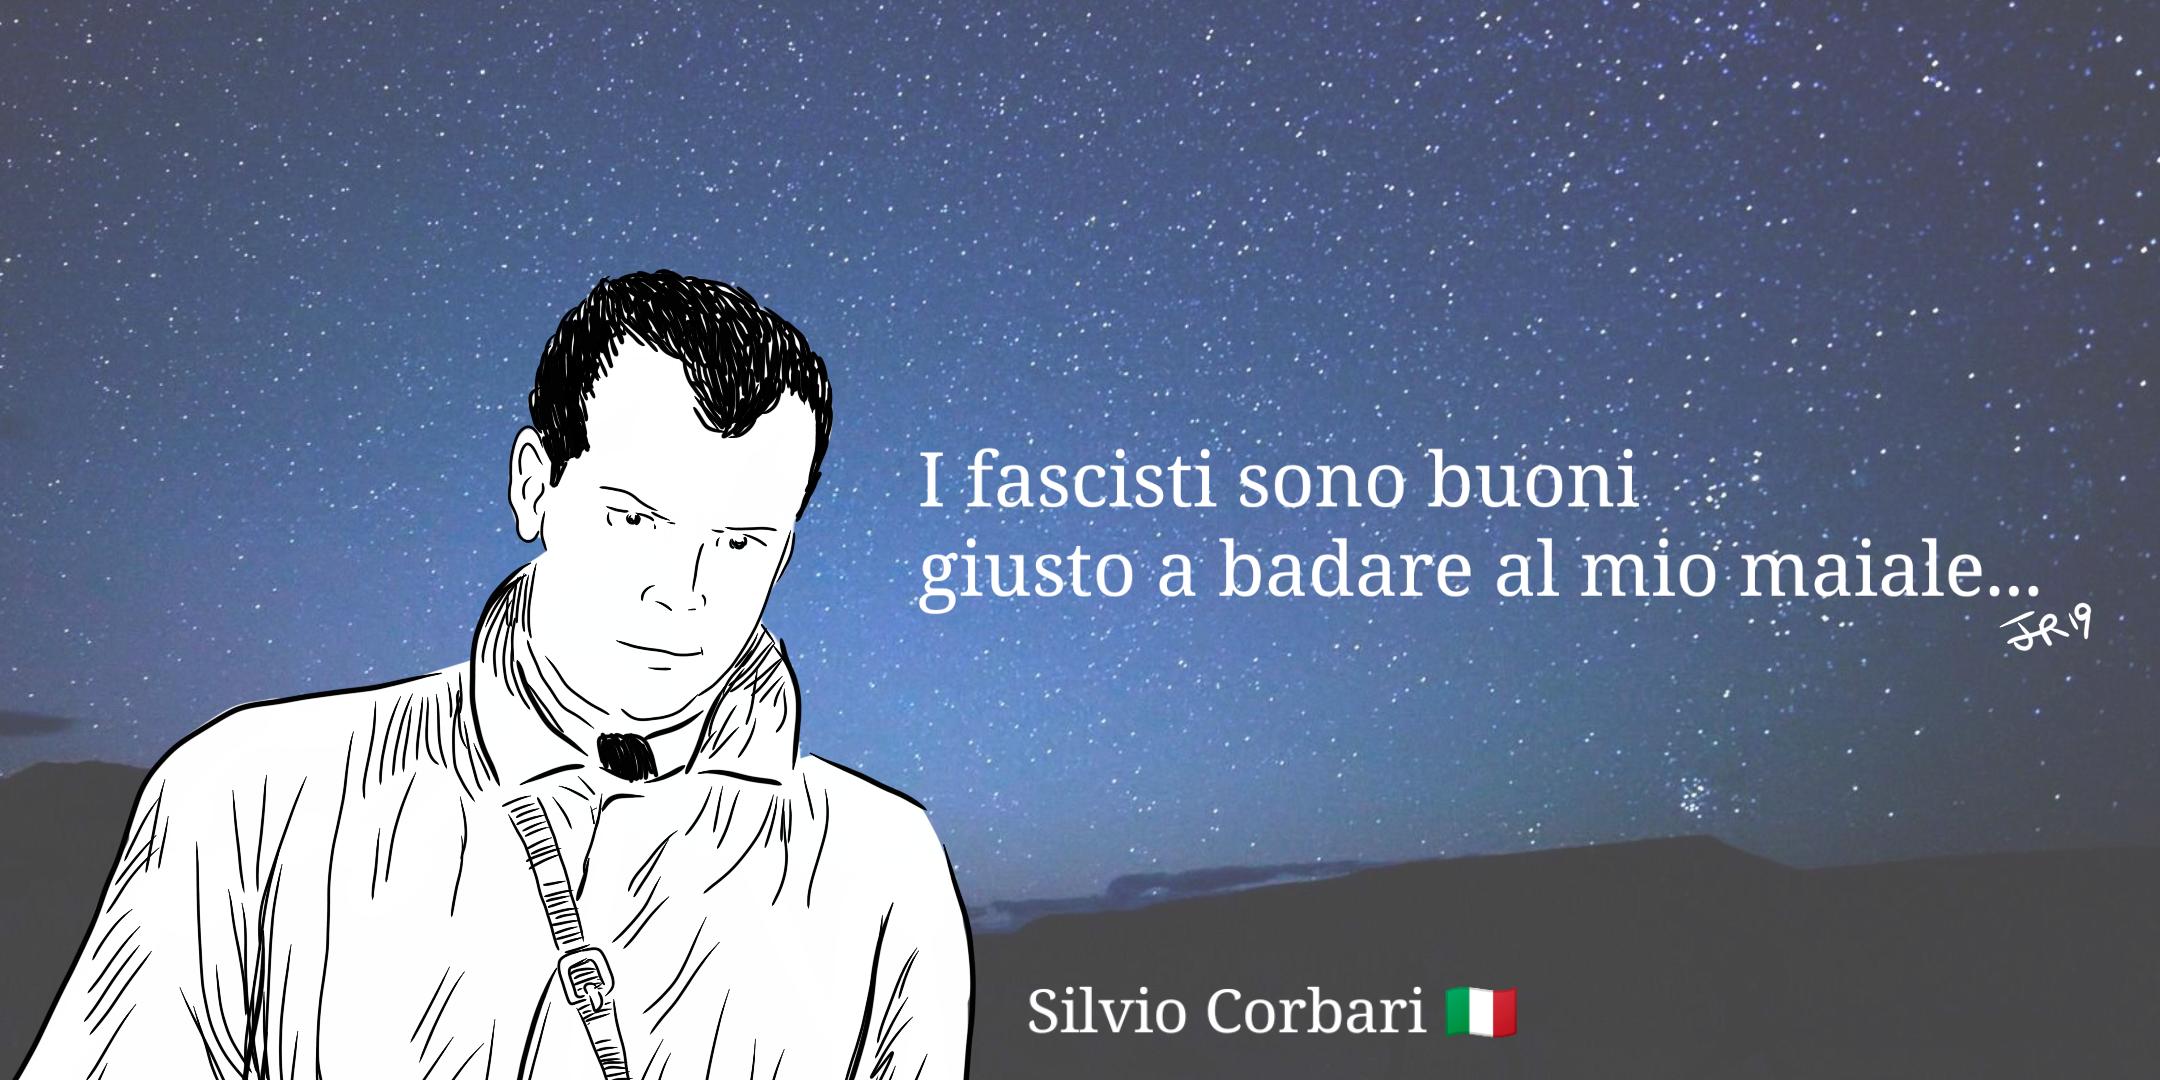 Silvio Corbari